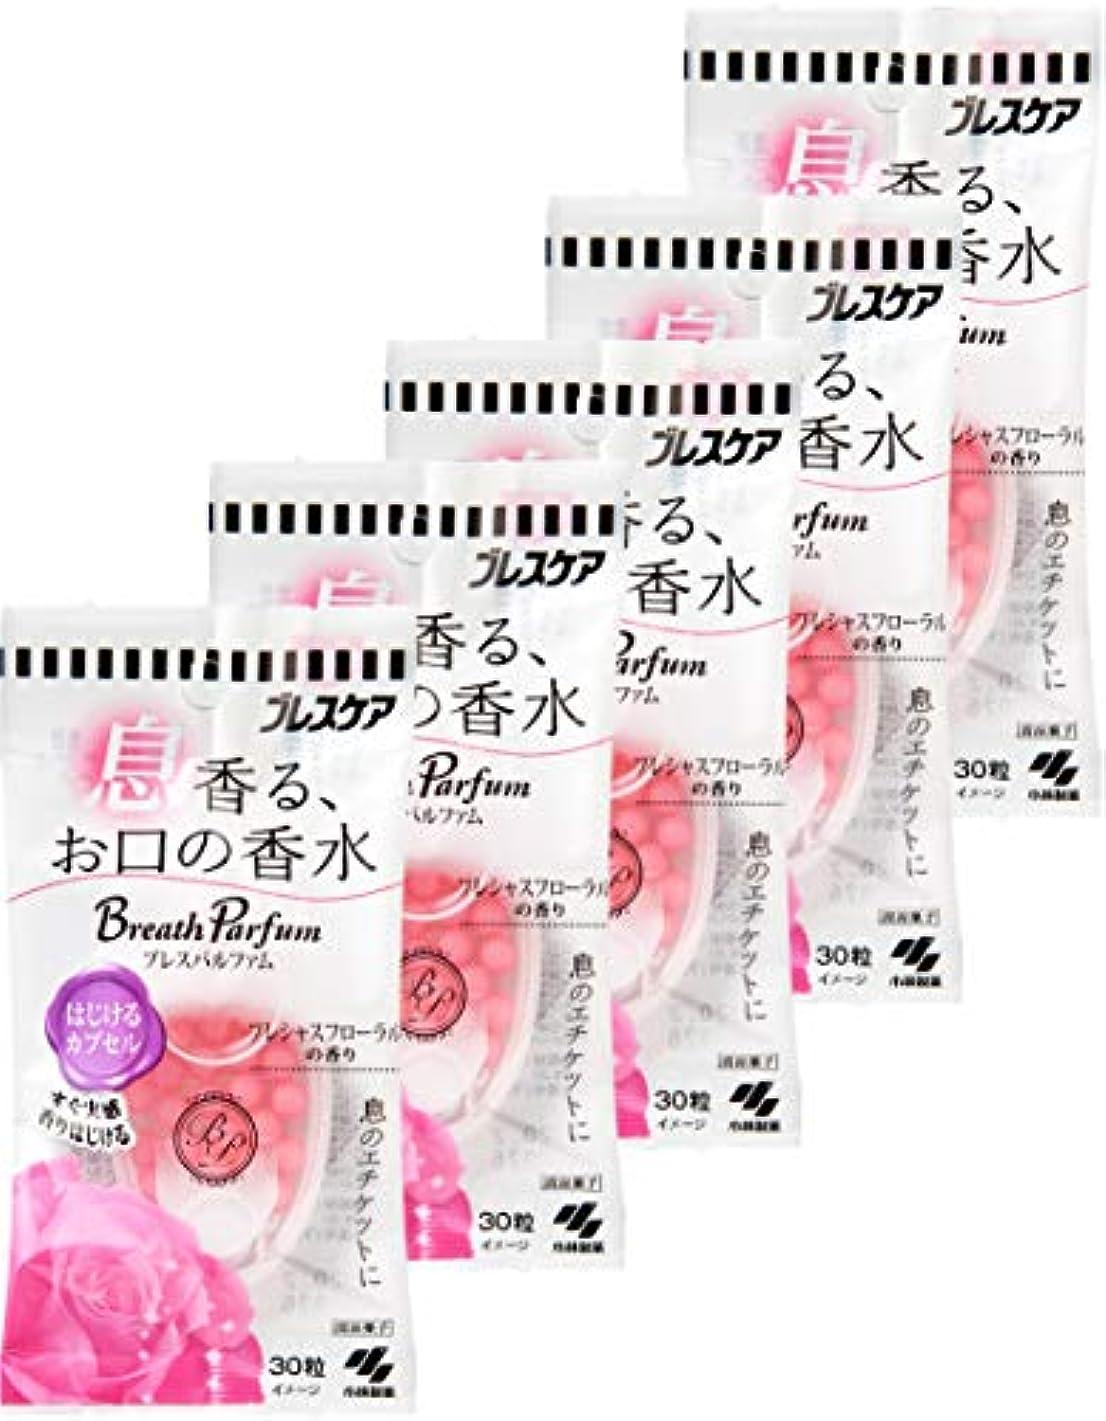 曲突っ込む乗って【まとめ買い】小林製薬 ブレスケア ブレスパルファム はじけるカプセルプレシャスフローラルの香り 30粒×5個